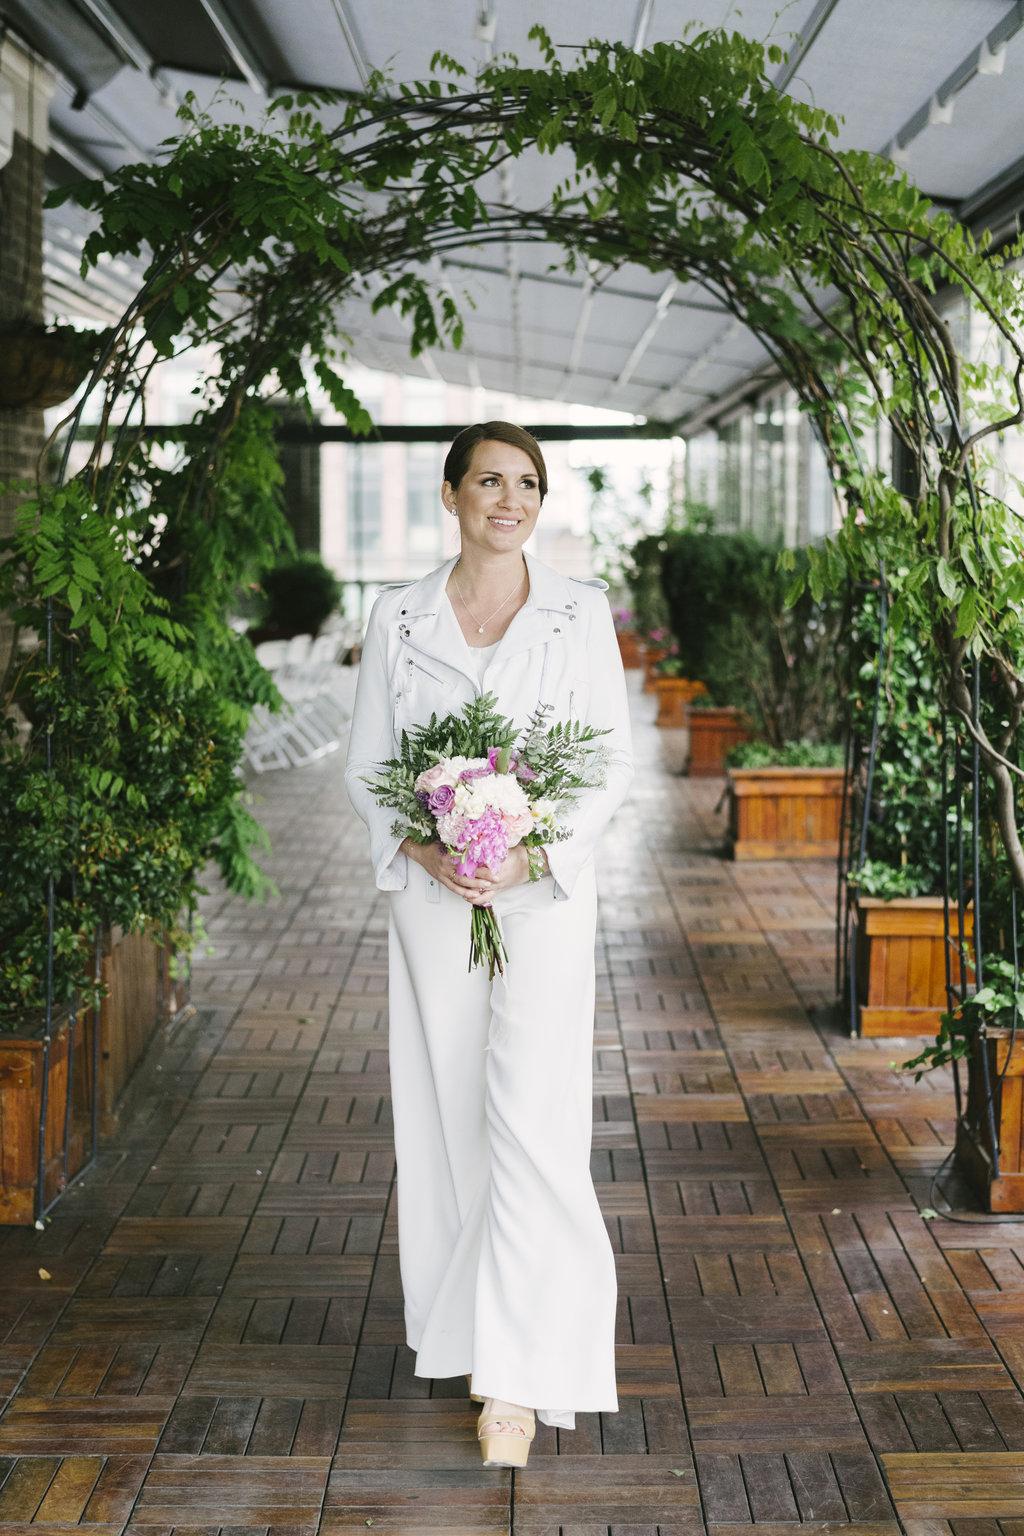 Nathalie Kraynina Bride At The Big Fake WeddingAliciaKingPhotographyBigFakeWedding233.jpg